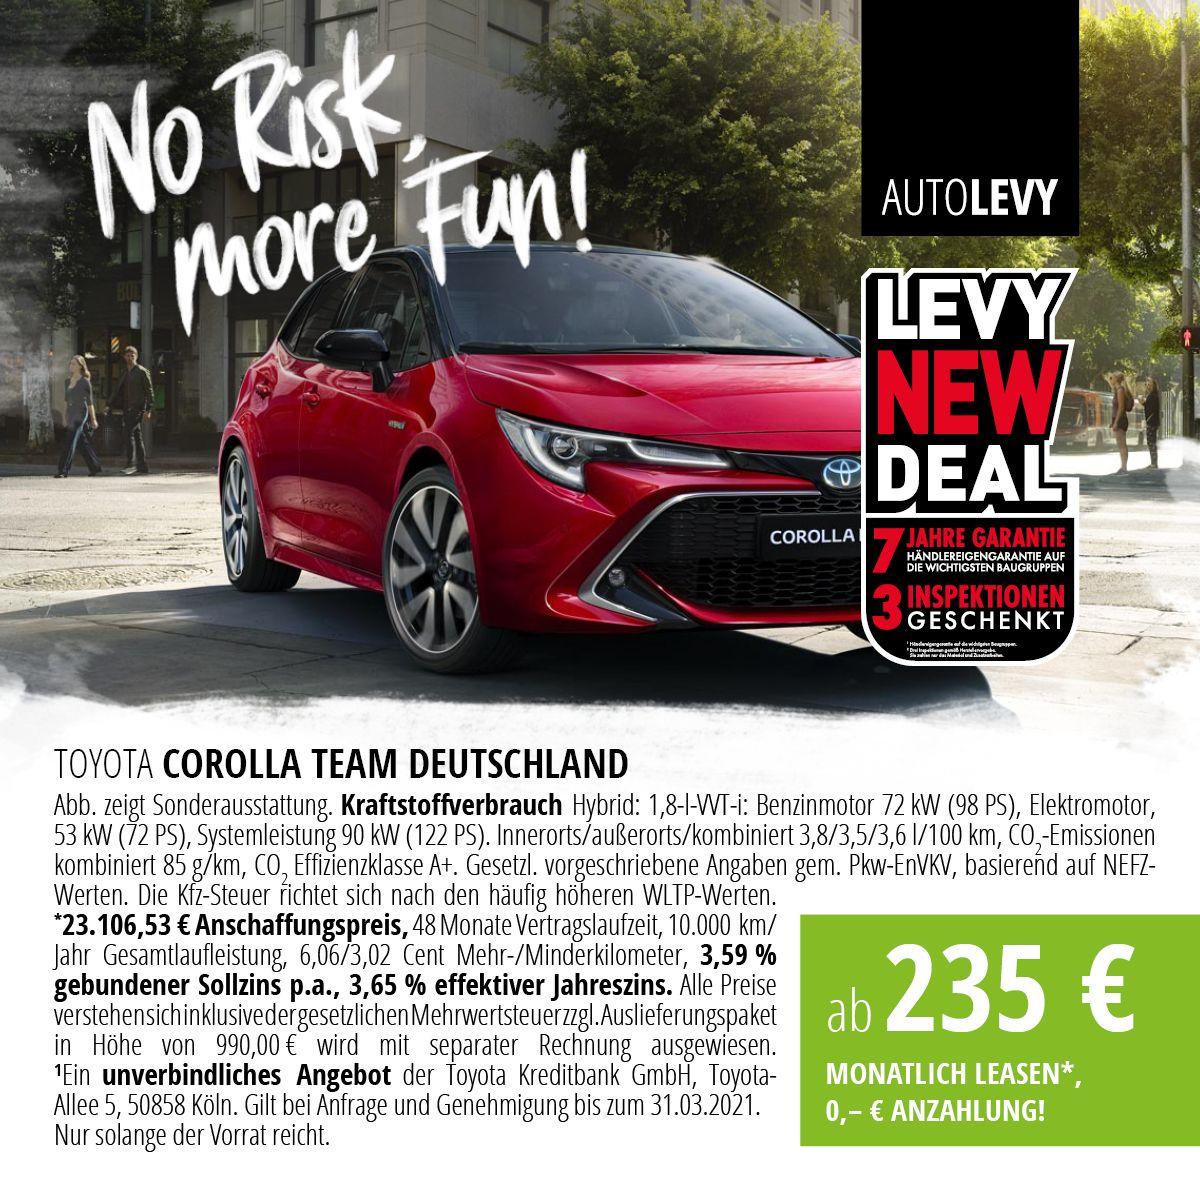 Corolla 1,8-l-Hybrid Knaller Deal